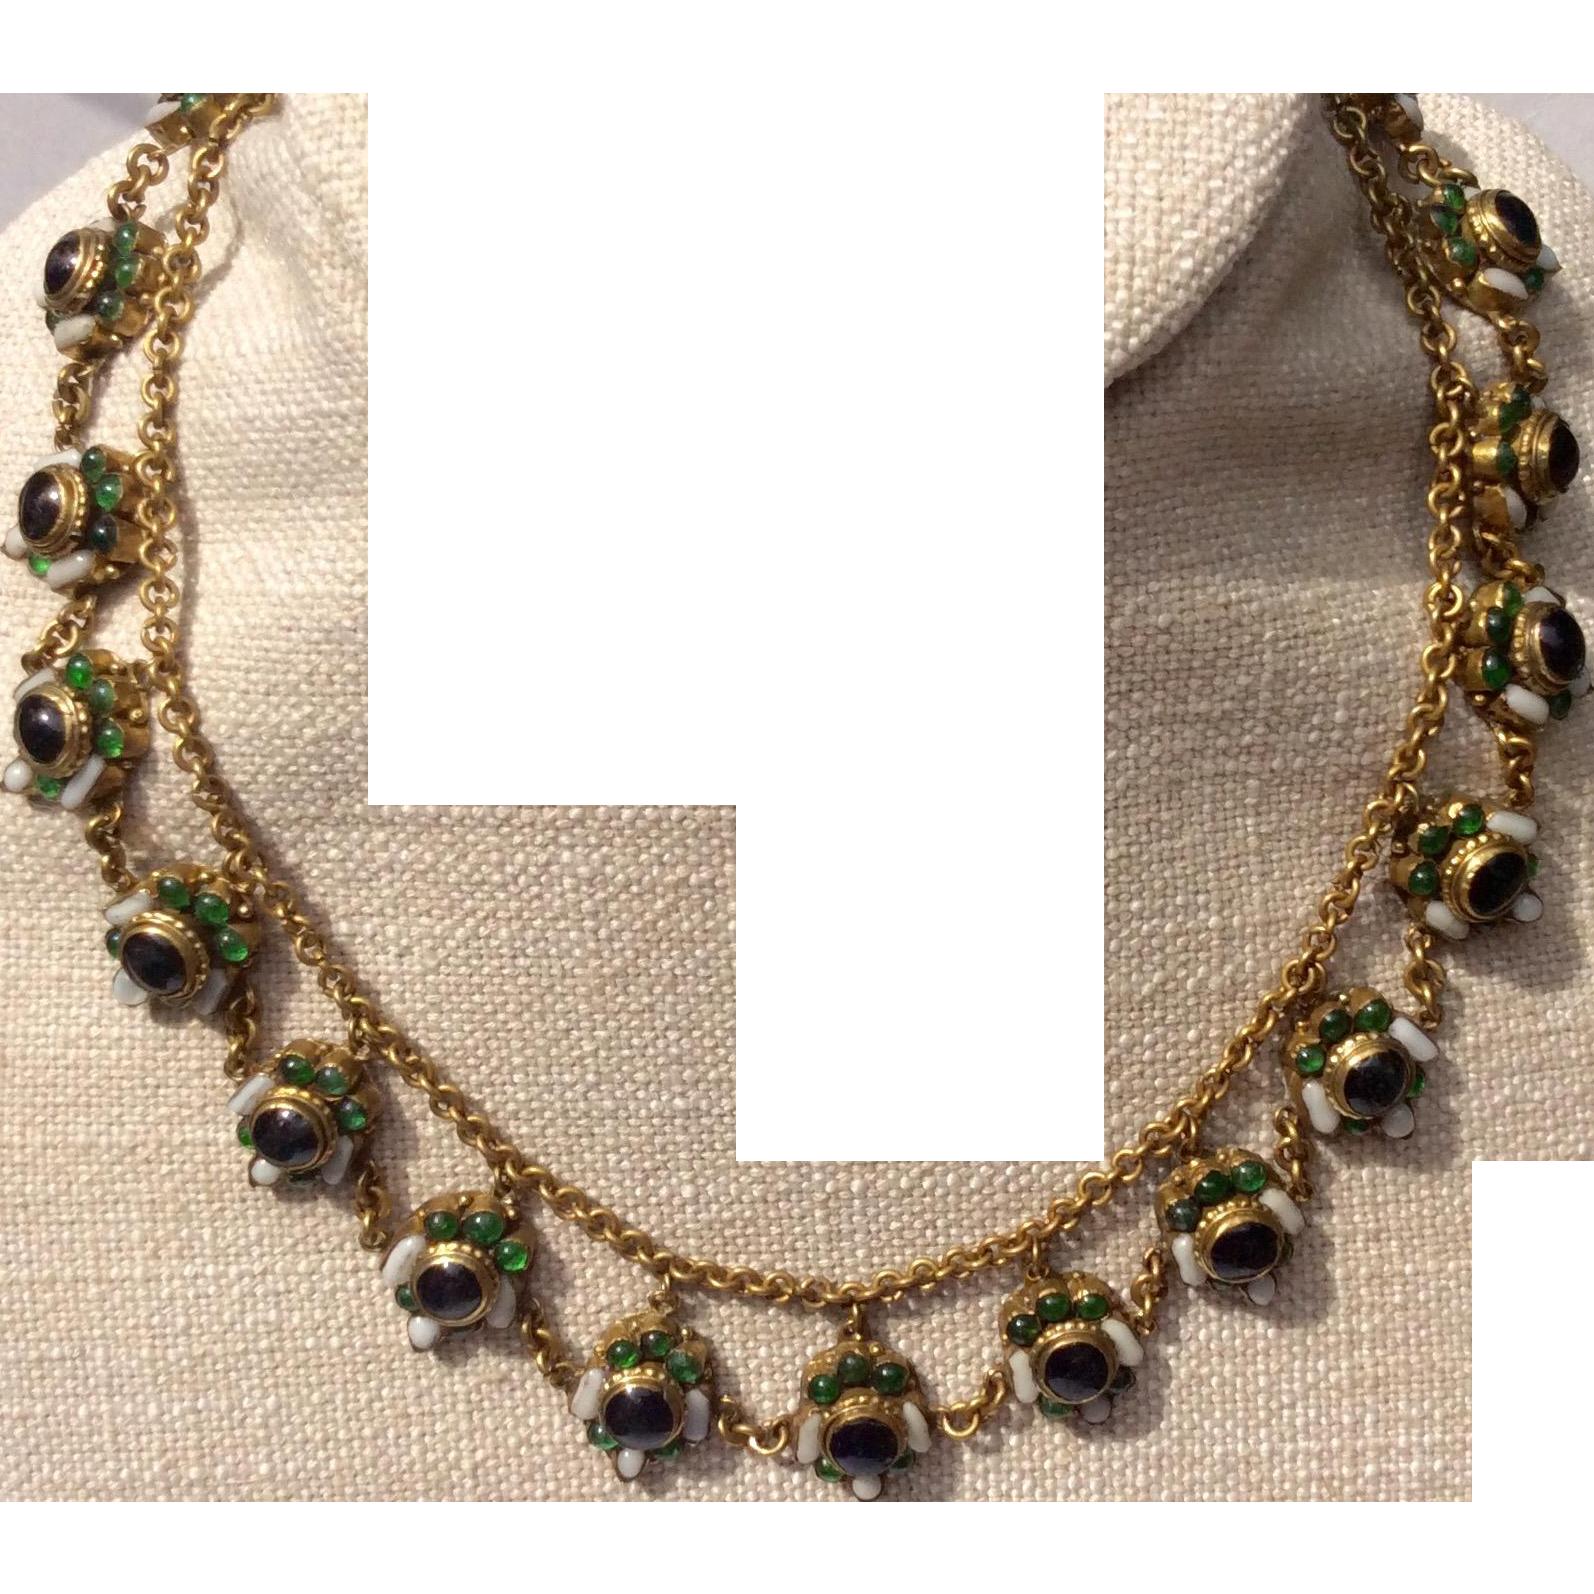 Art Deco Max Neiger Brass Czech Glass Necklace